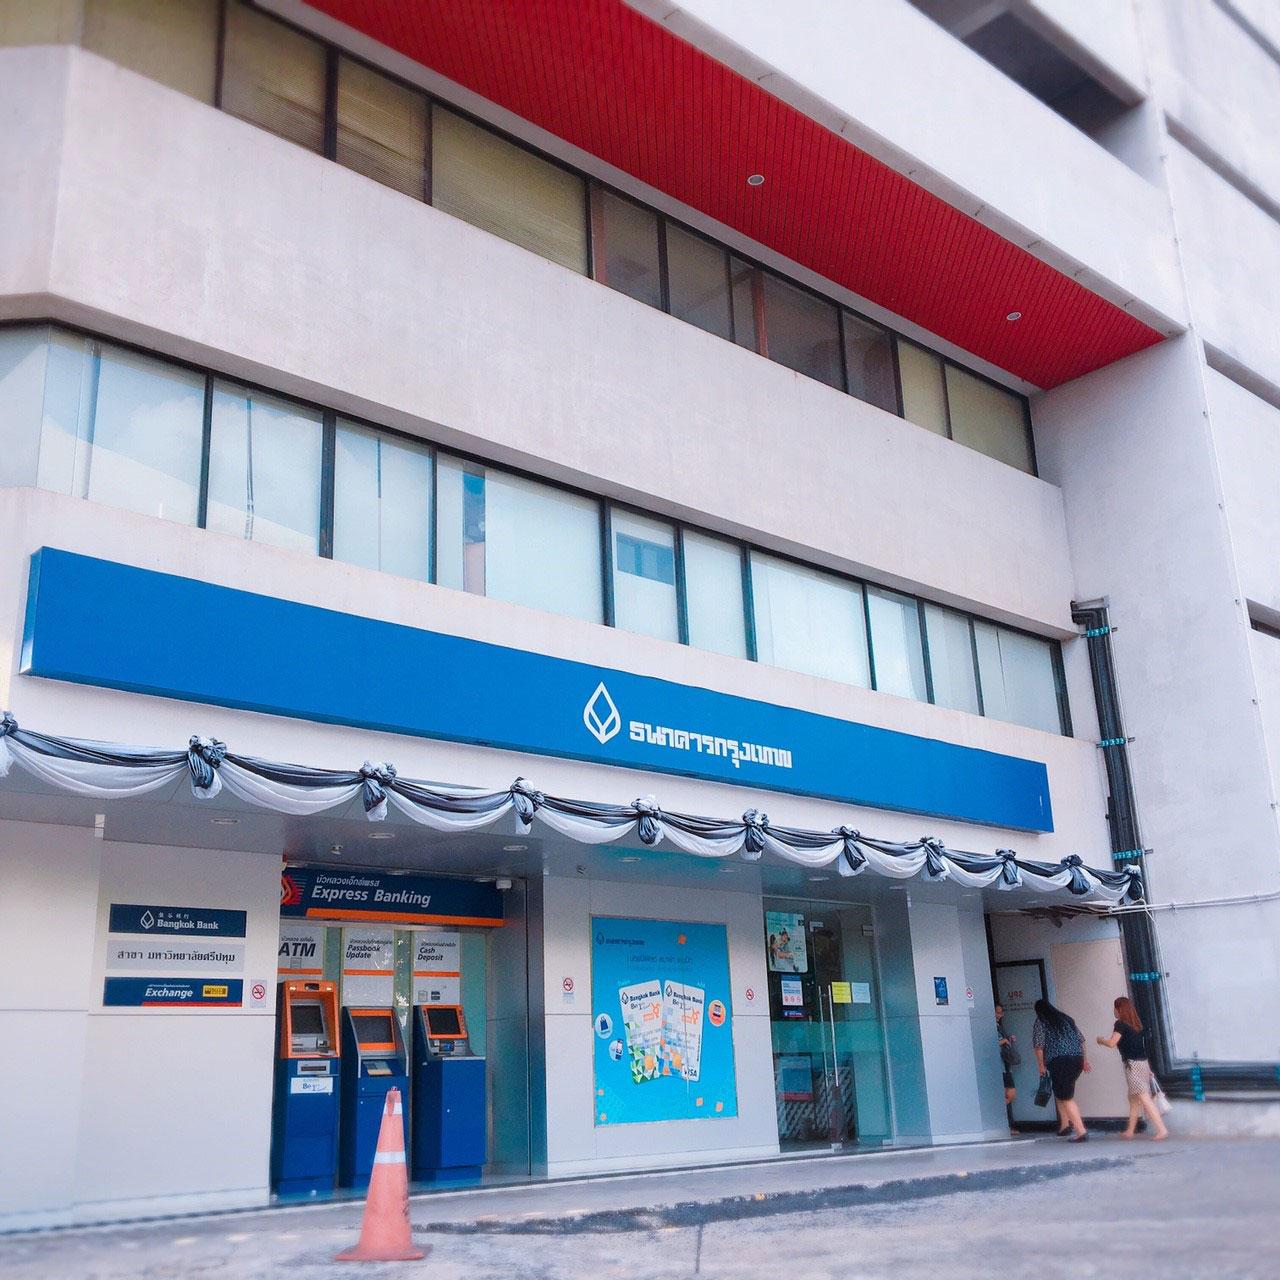 ธนาคารกรุงเทพ สาขาย่อย มหาวิทยาลัยศรีปทุม